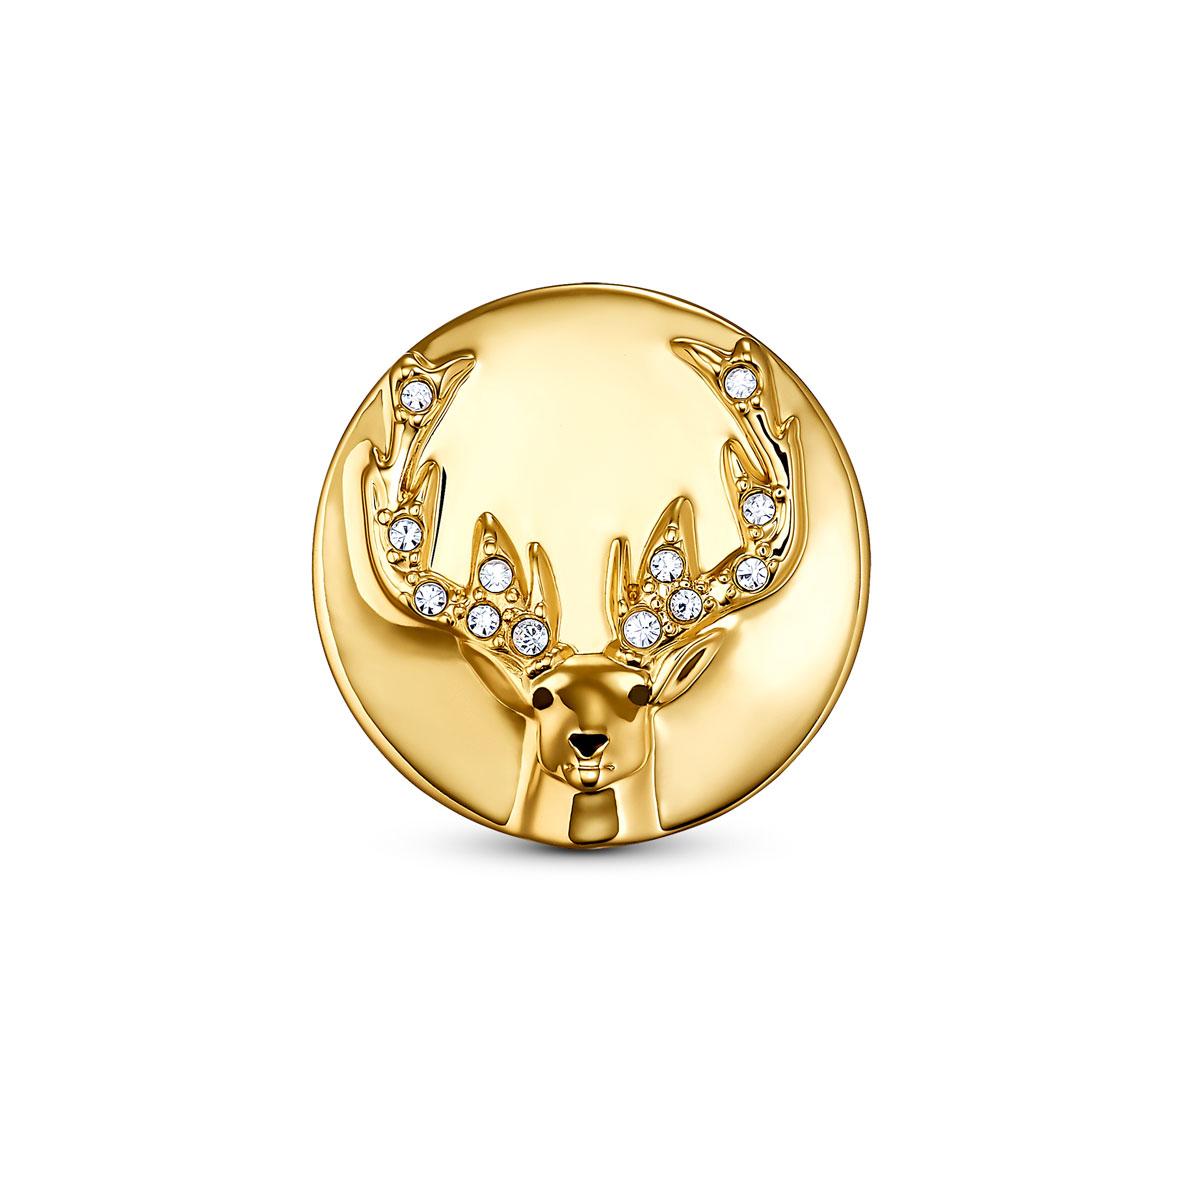 Swarovski Crystal and Gold Stag Tack Pin